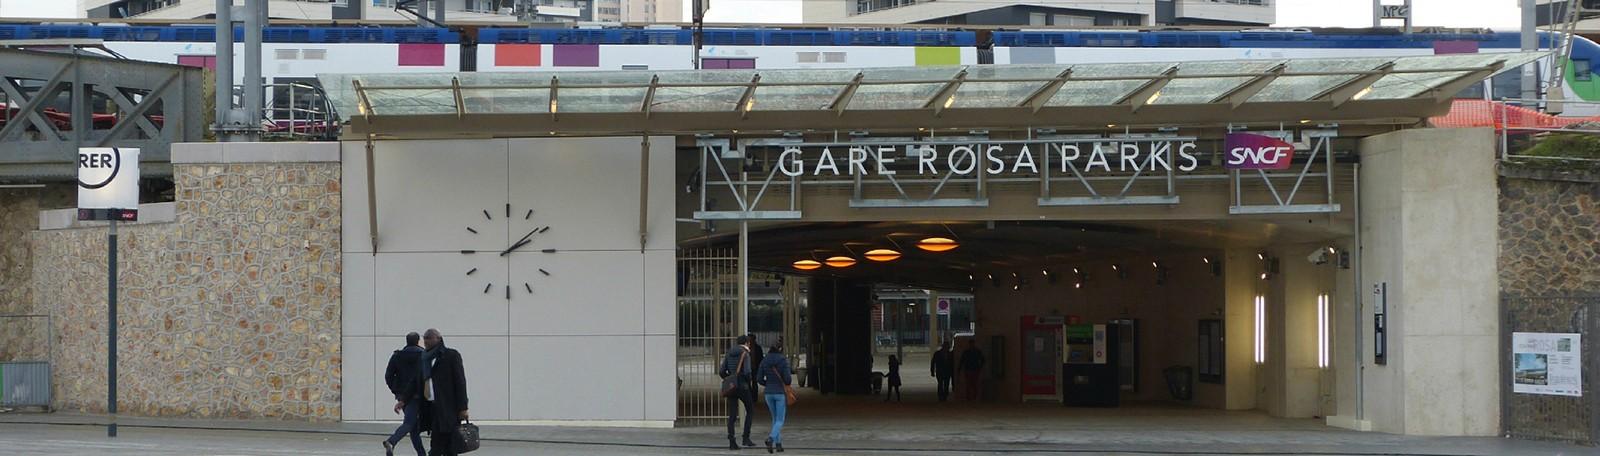 Parking Paris Gare Rosa Parks